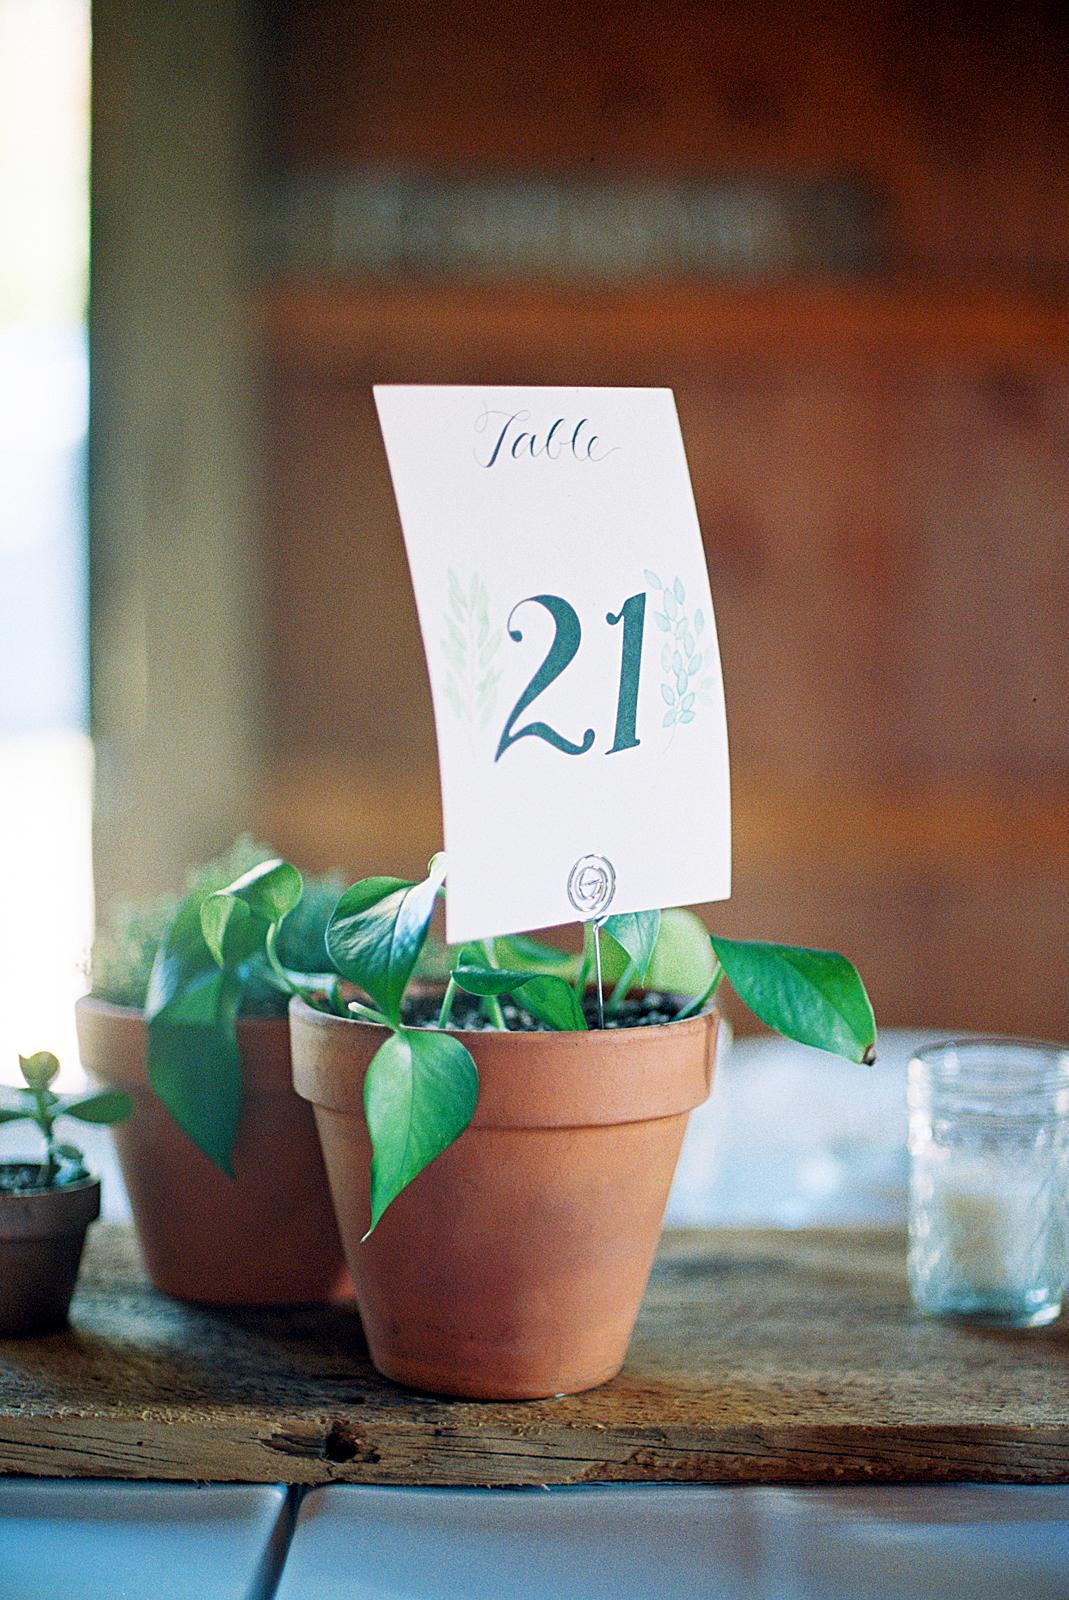 rachel elijah wedding table number